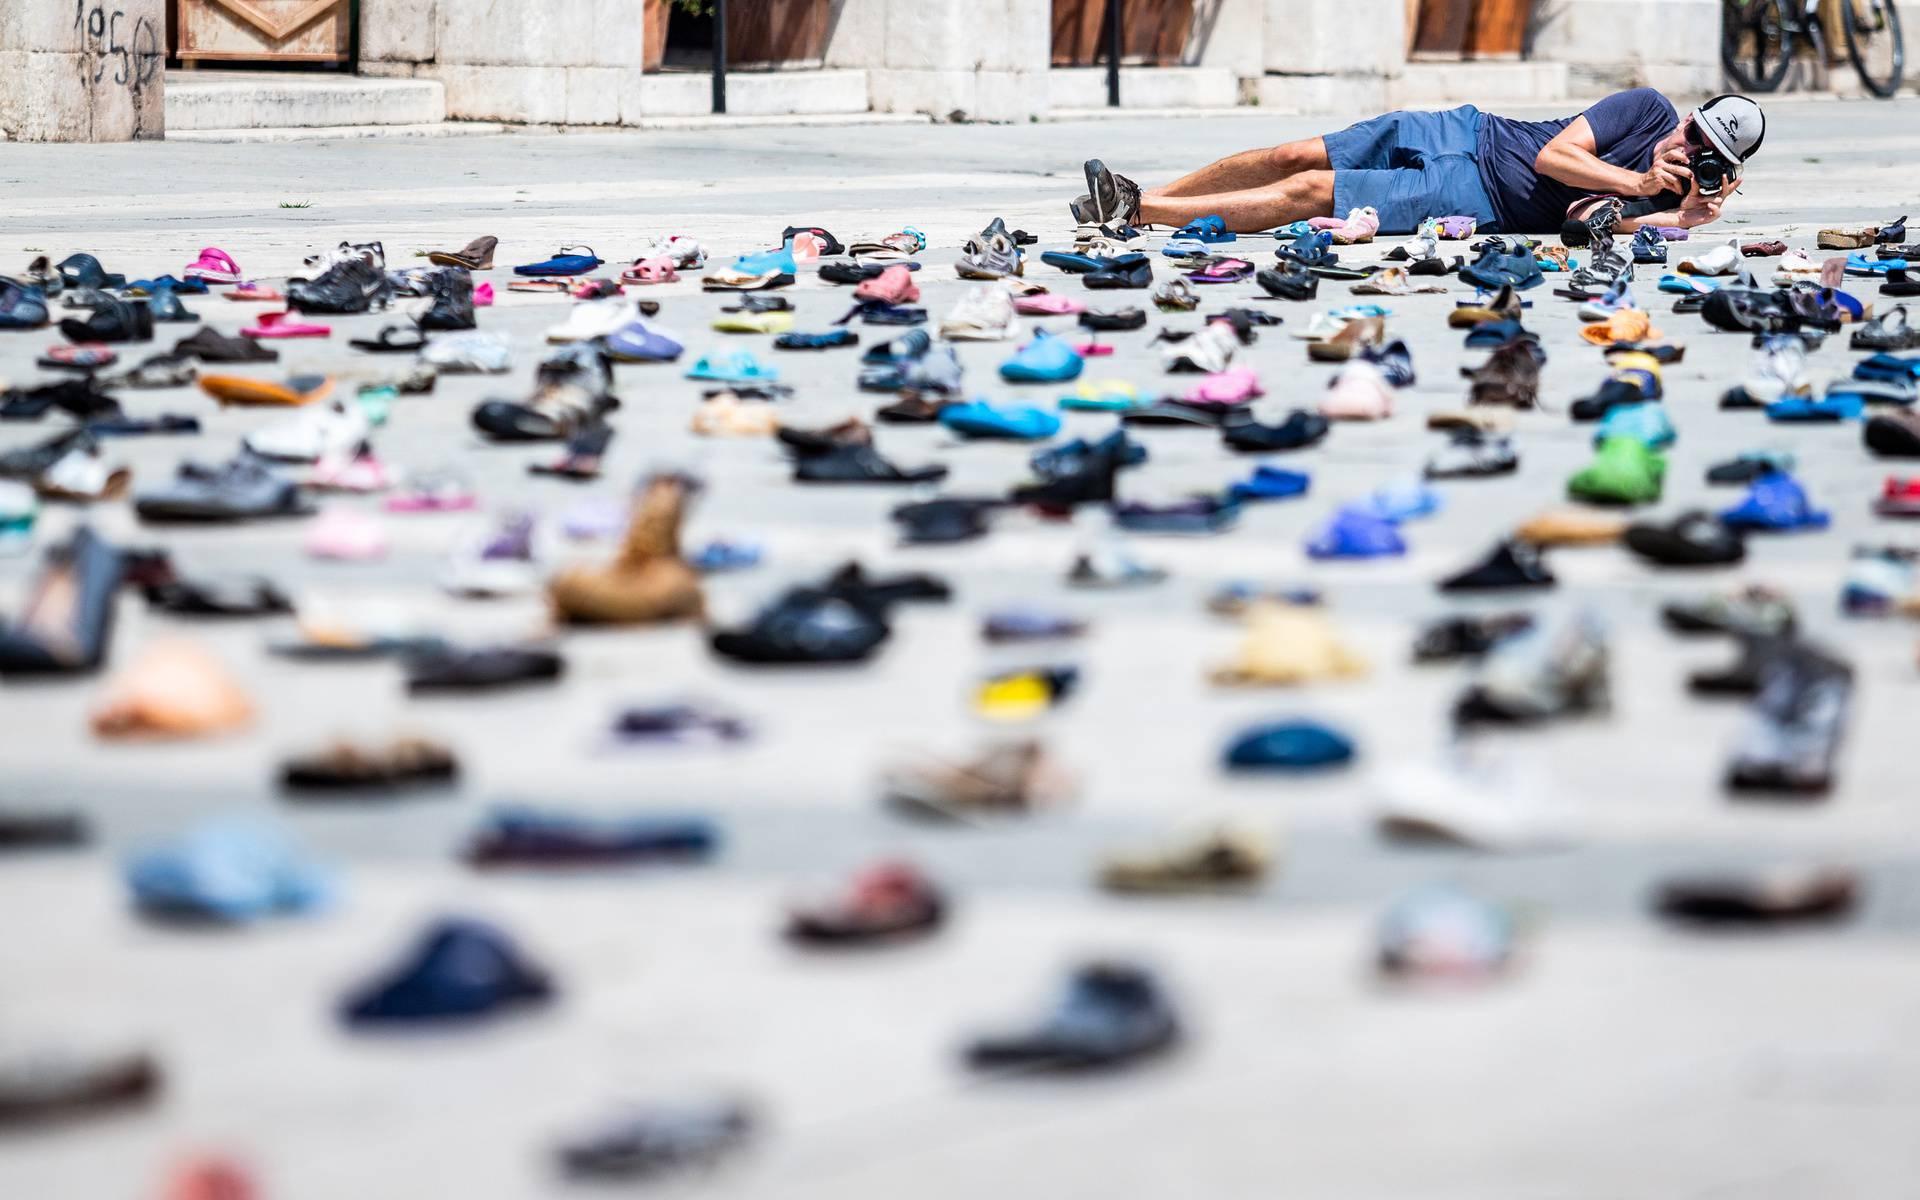 1000 Pepeljuga je bilo na Mediteranu: Sve su izgubile cipelice ili šlape u našem moru